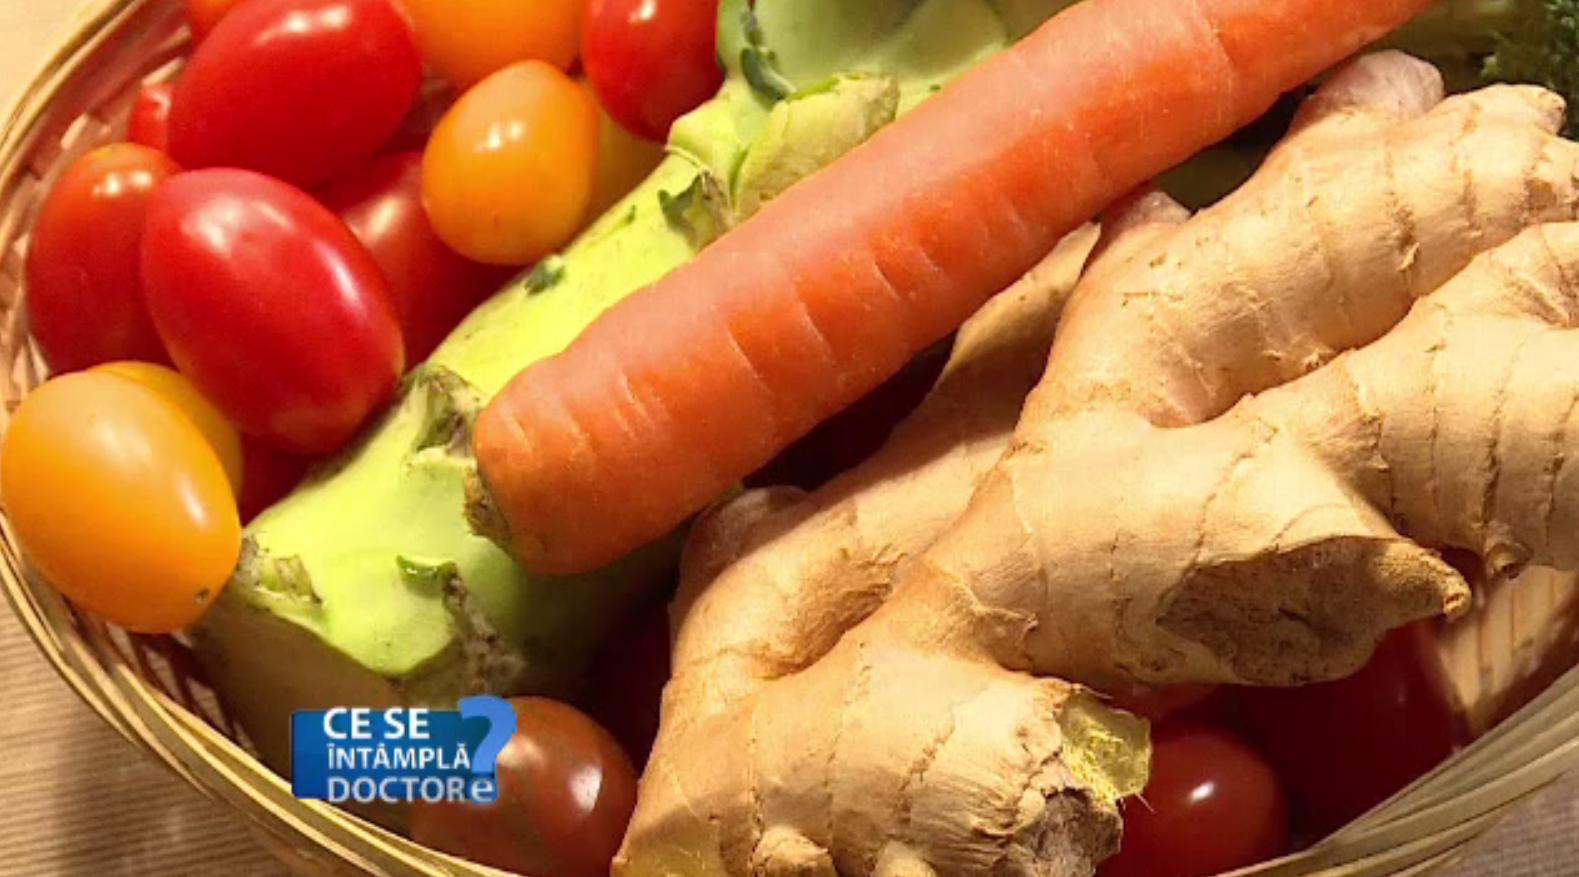 Alimentația perfectă care ne ajută să avem un sistem imunitar care funcționează la parametri maximi